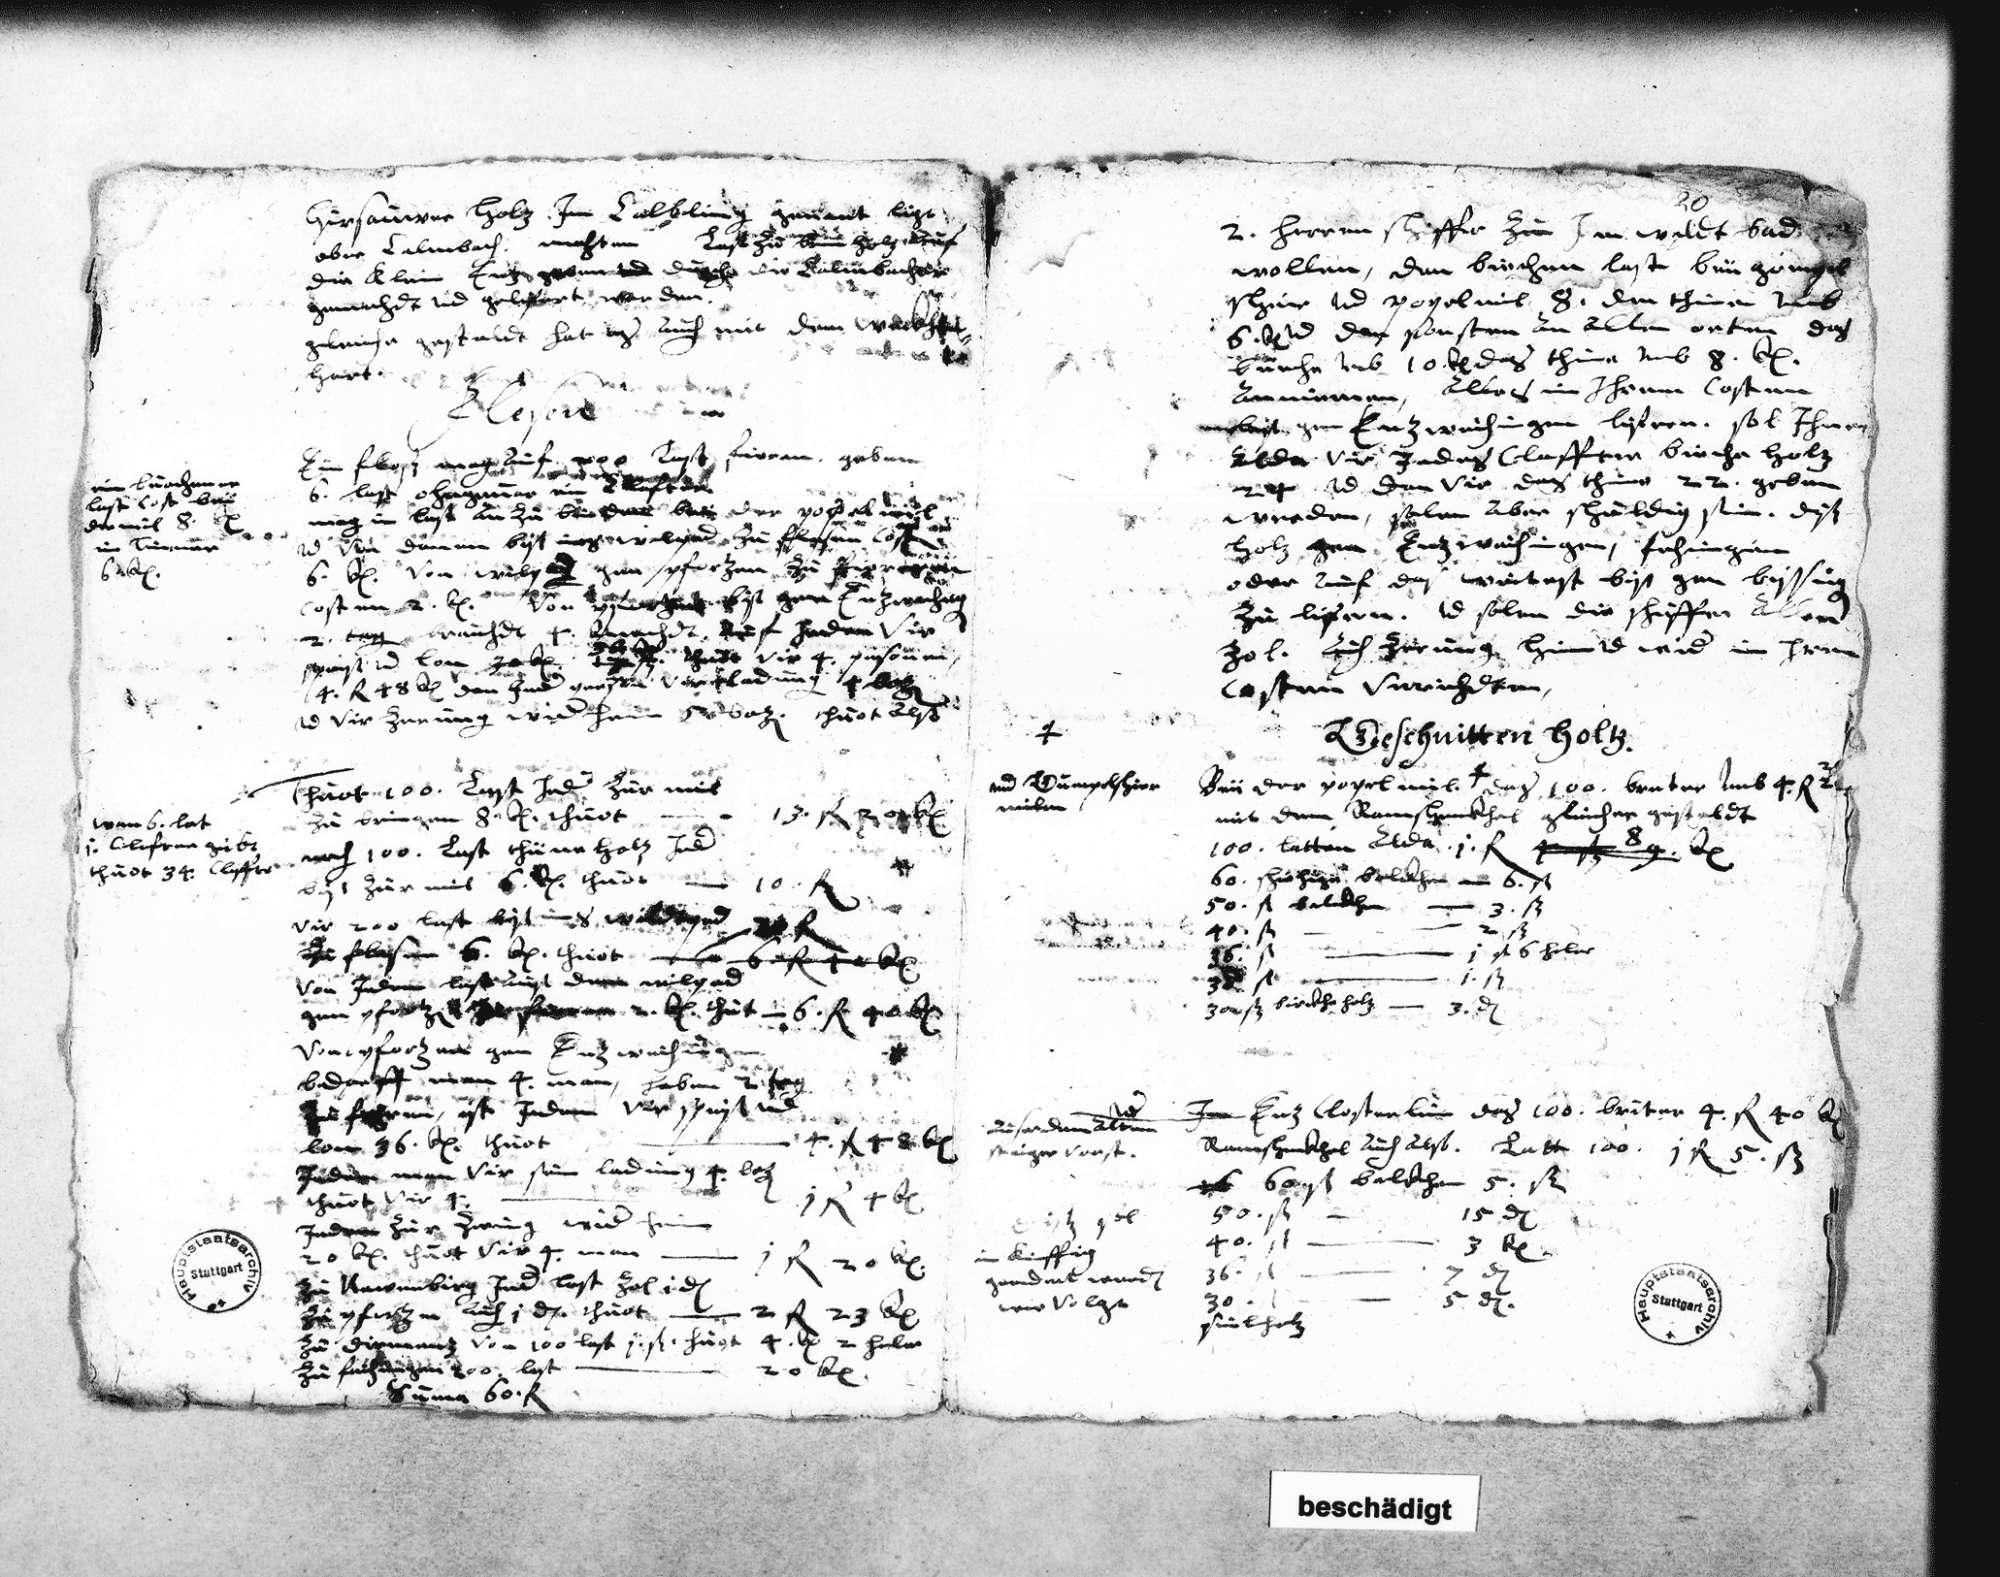 Flößen von Göttelfingen, Simmersfeld, Fünfbronn, Enzklösterle und Poppelmühel; Berechnungen über Floßlasten (2 Folio Doppelblatt), Bild 2